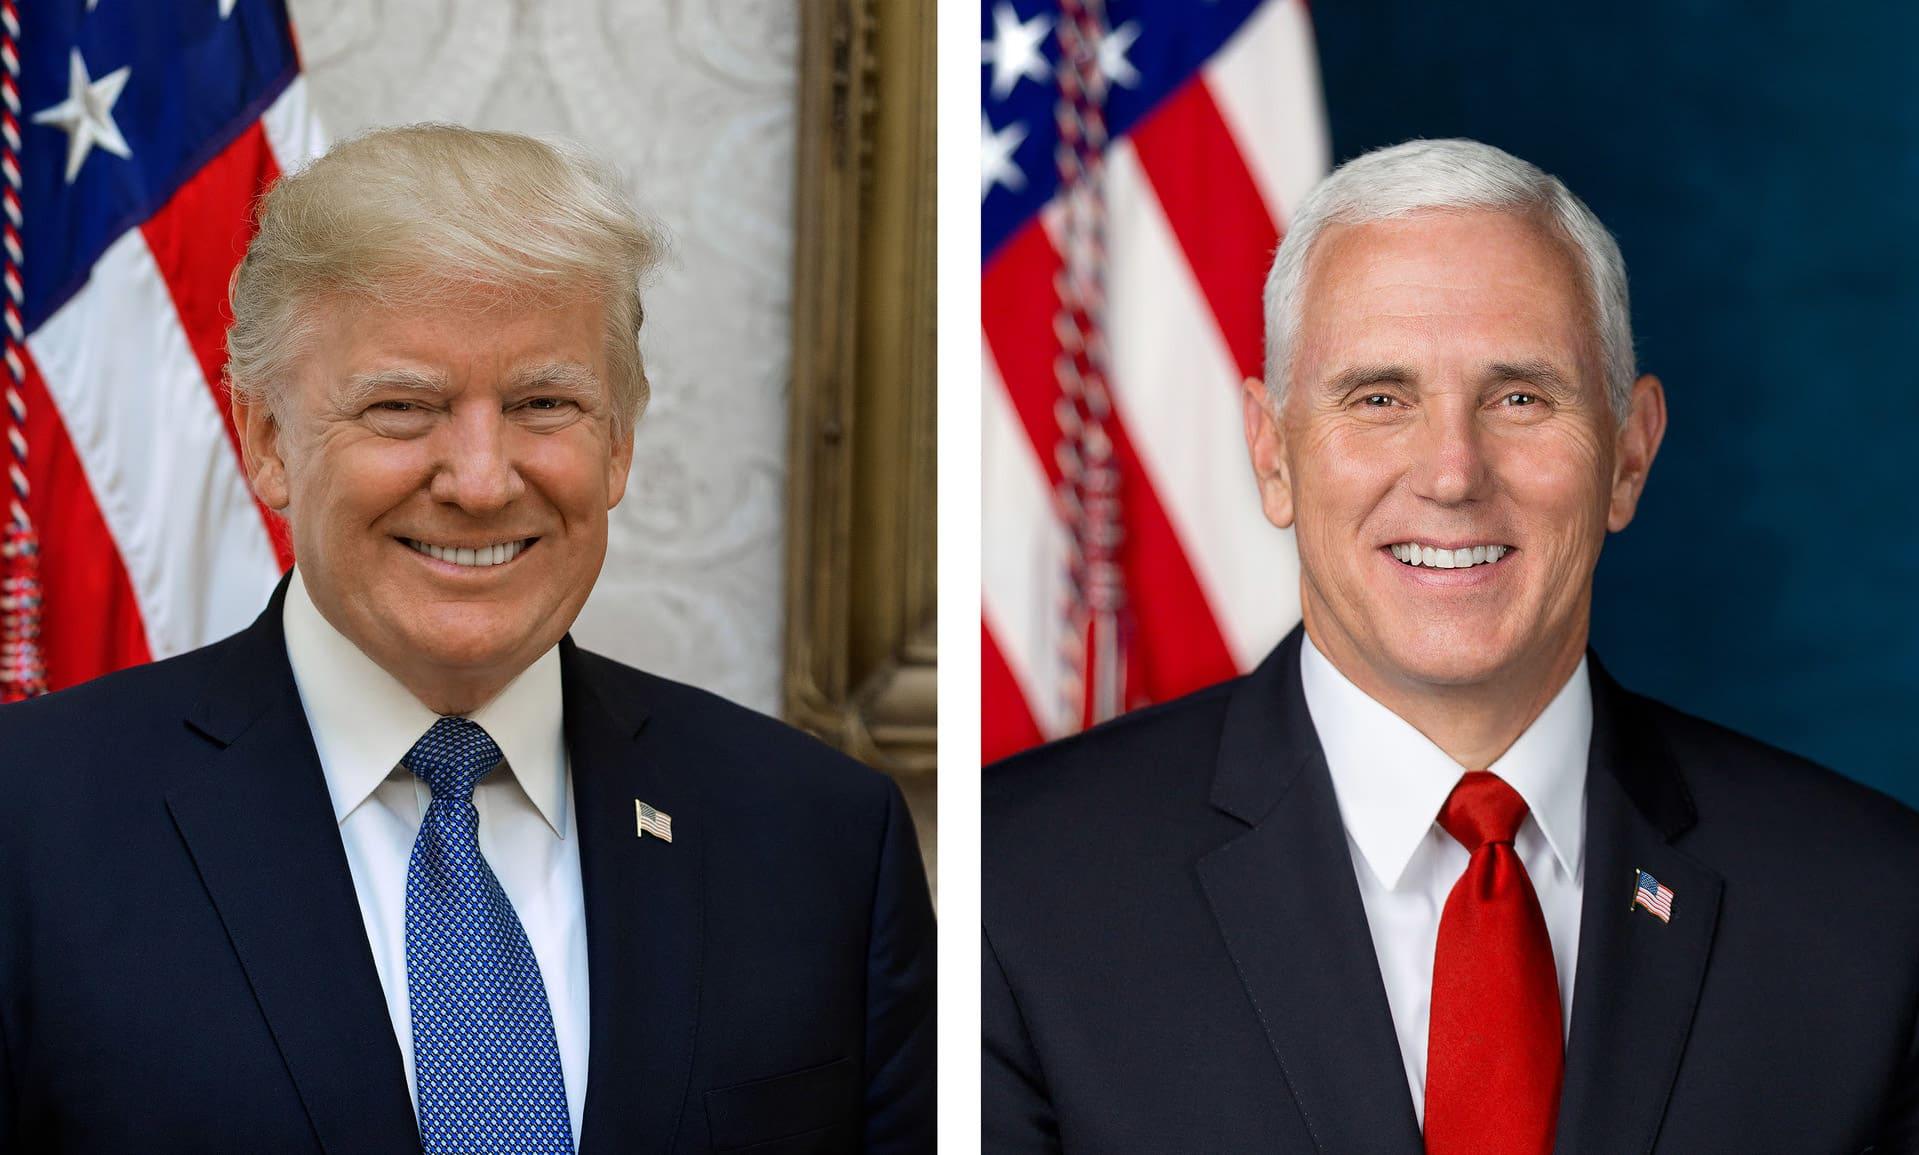 8x10 Official Secret Service White House Portrait President Donald Trump Photo